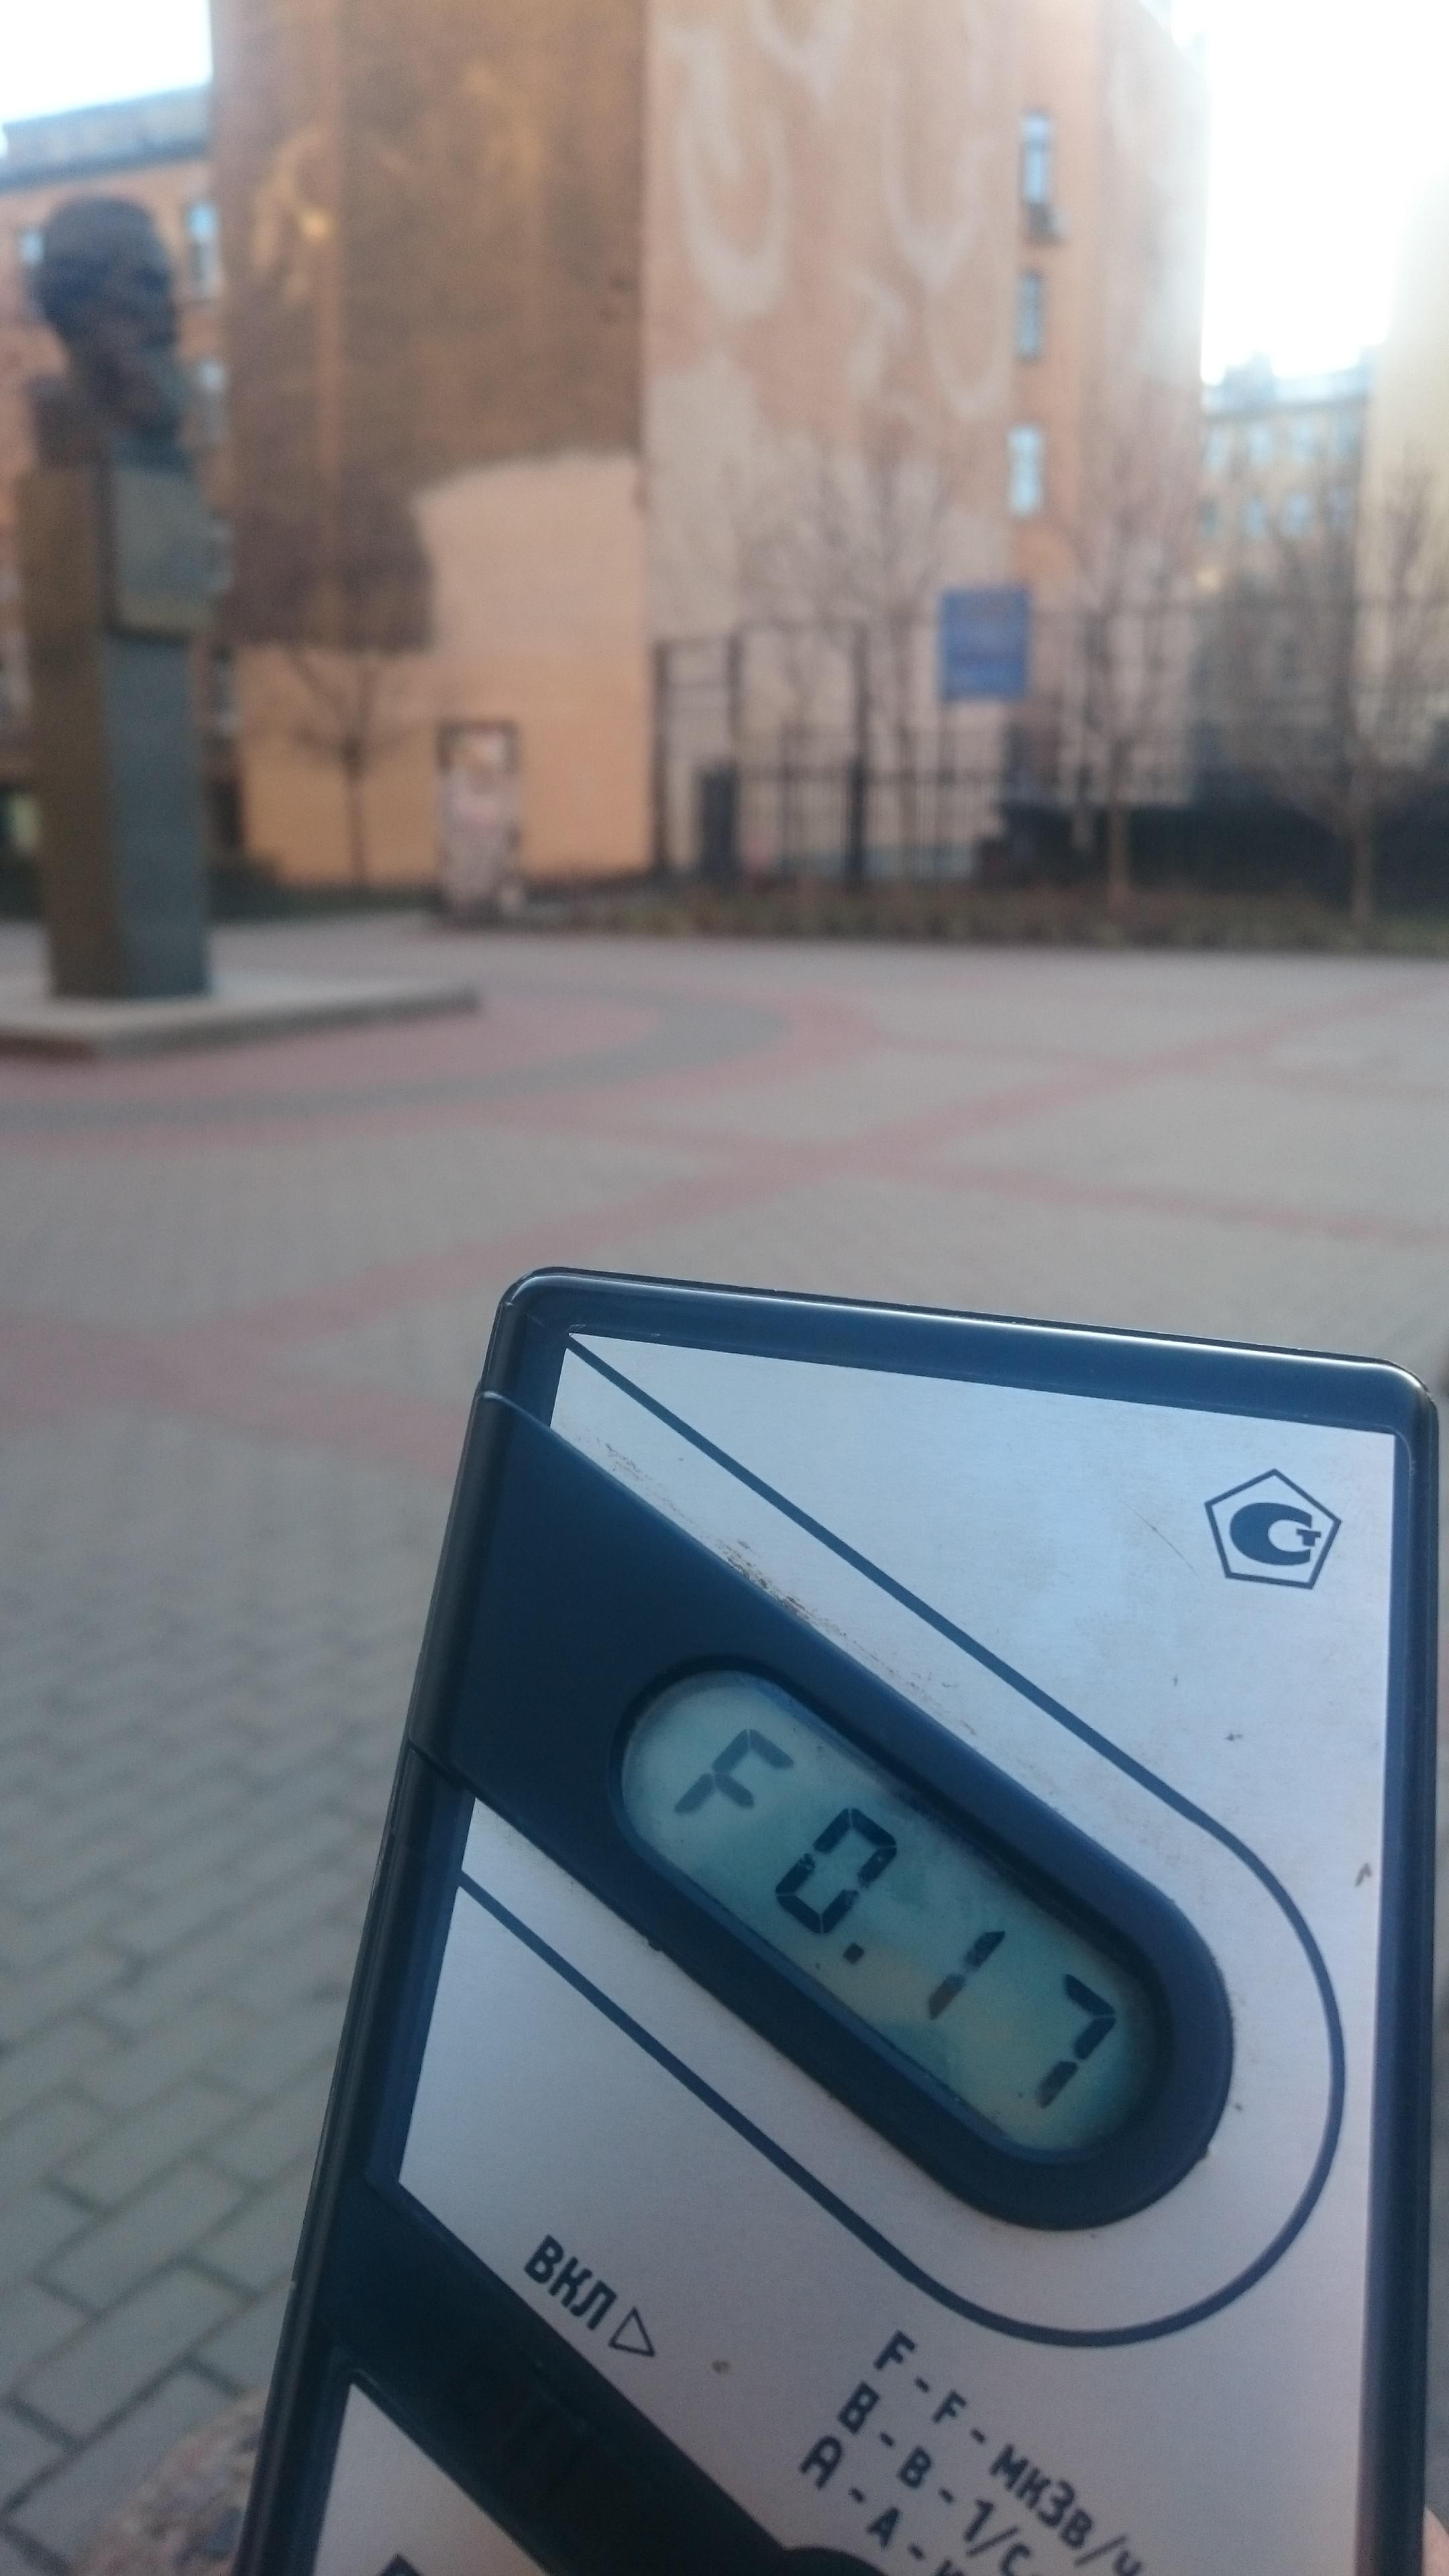 Точка измерения МЭД гамма-излучени на улице Благоева в Санкт-Петербурге